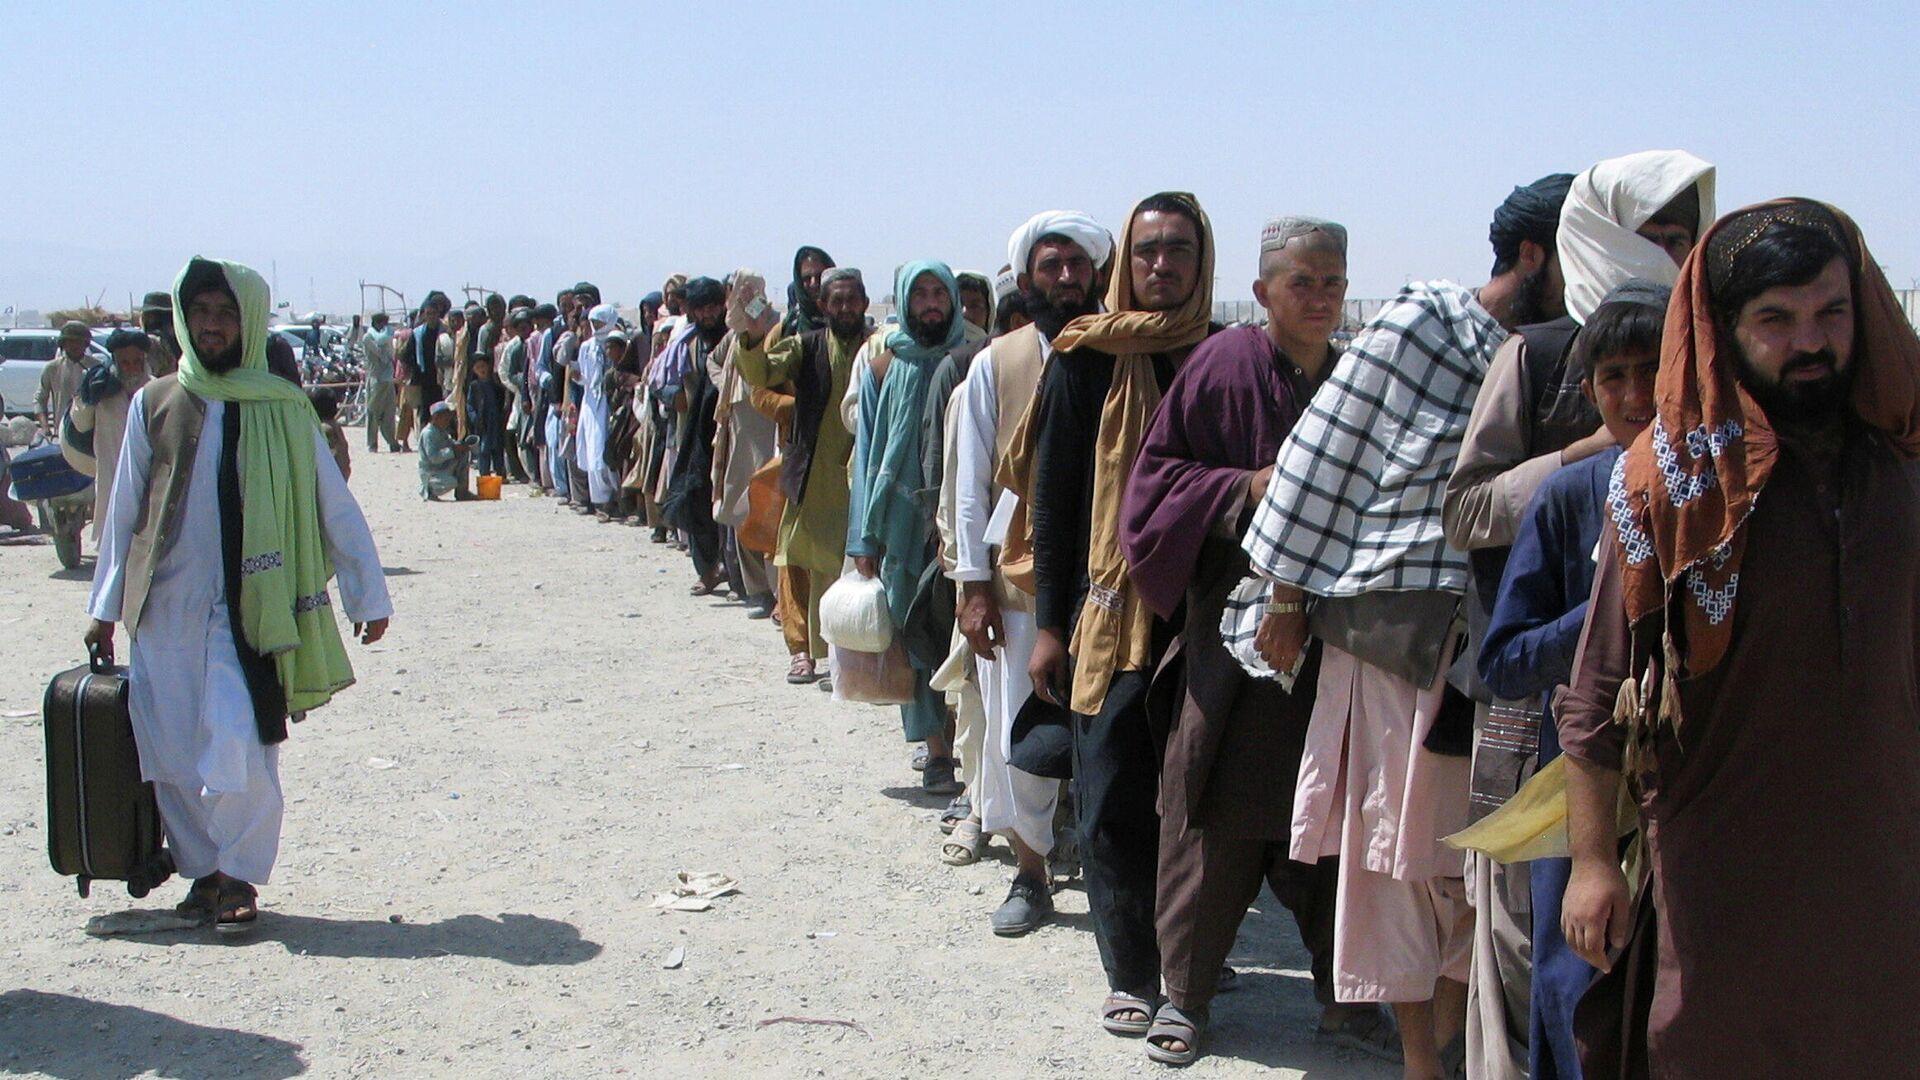 Люди ждут у пункта пропуска  в пакистано-афганском пограничном городе Чаман - Sputnik Тоҷикистон, 1920, 17.09.2021